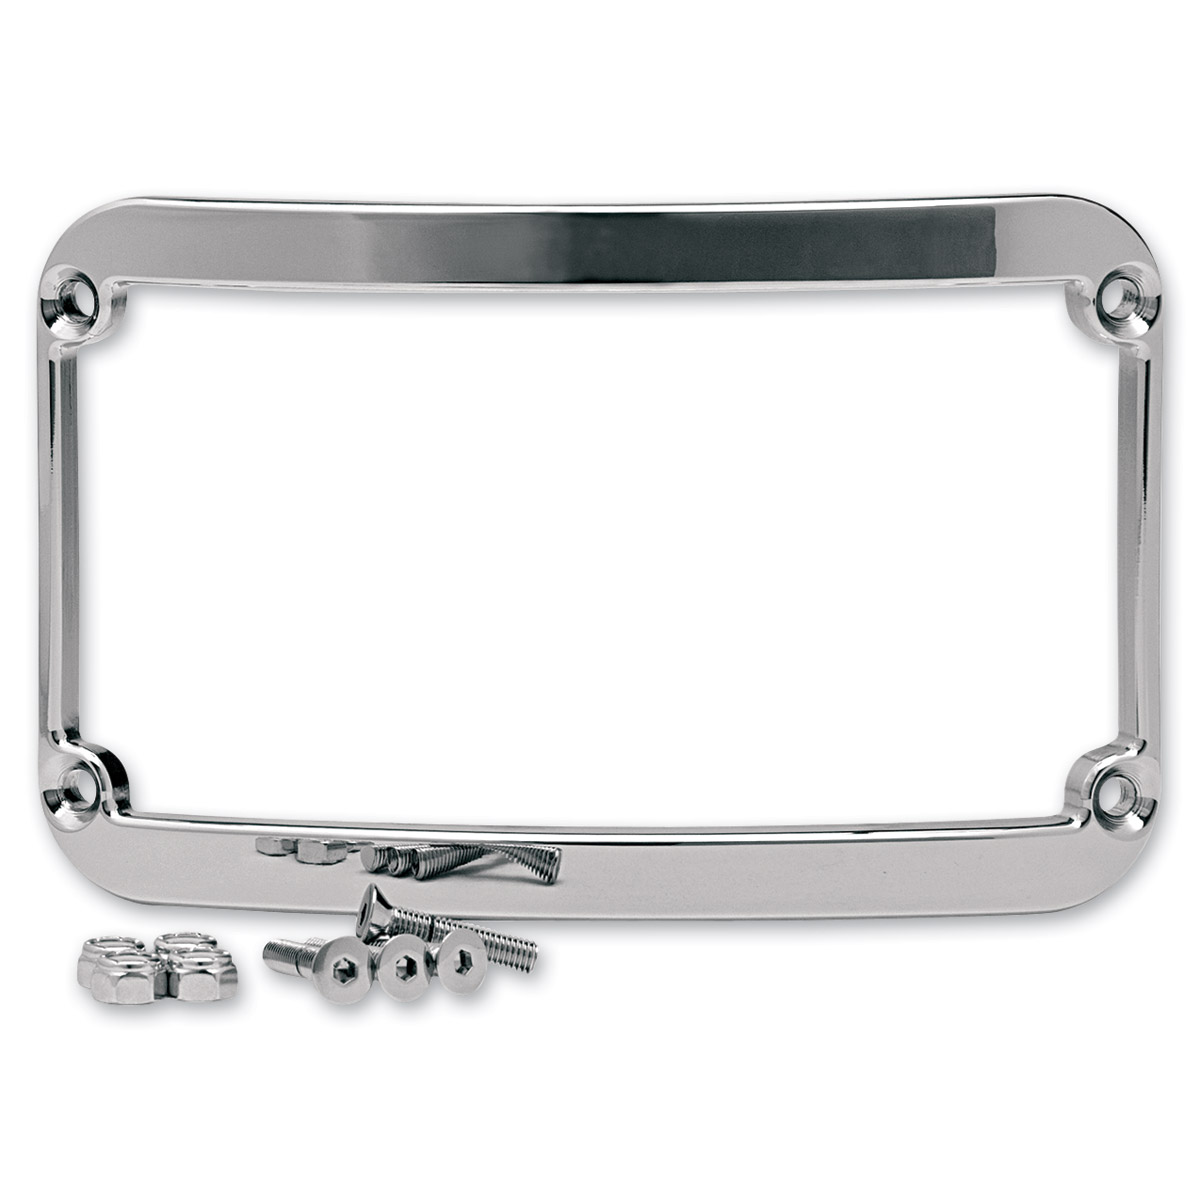 Klock Werks Chrome License Plate Frame